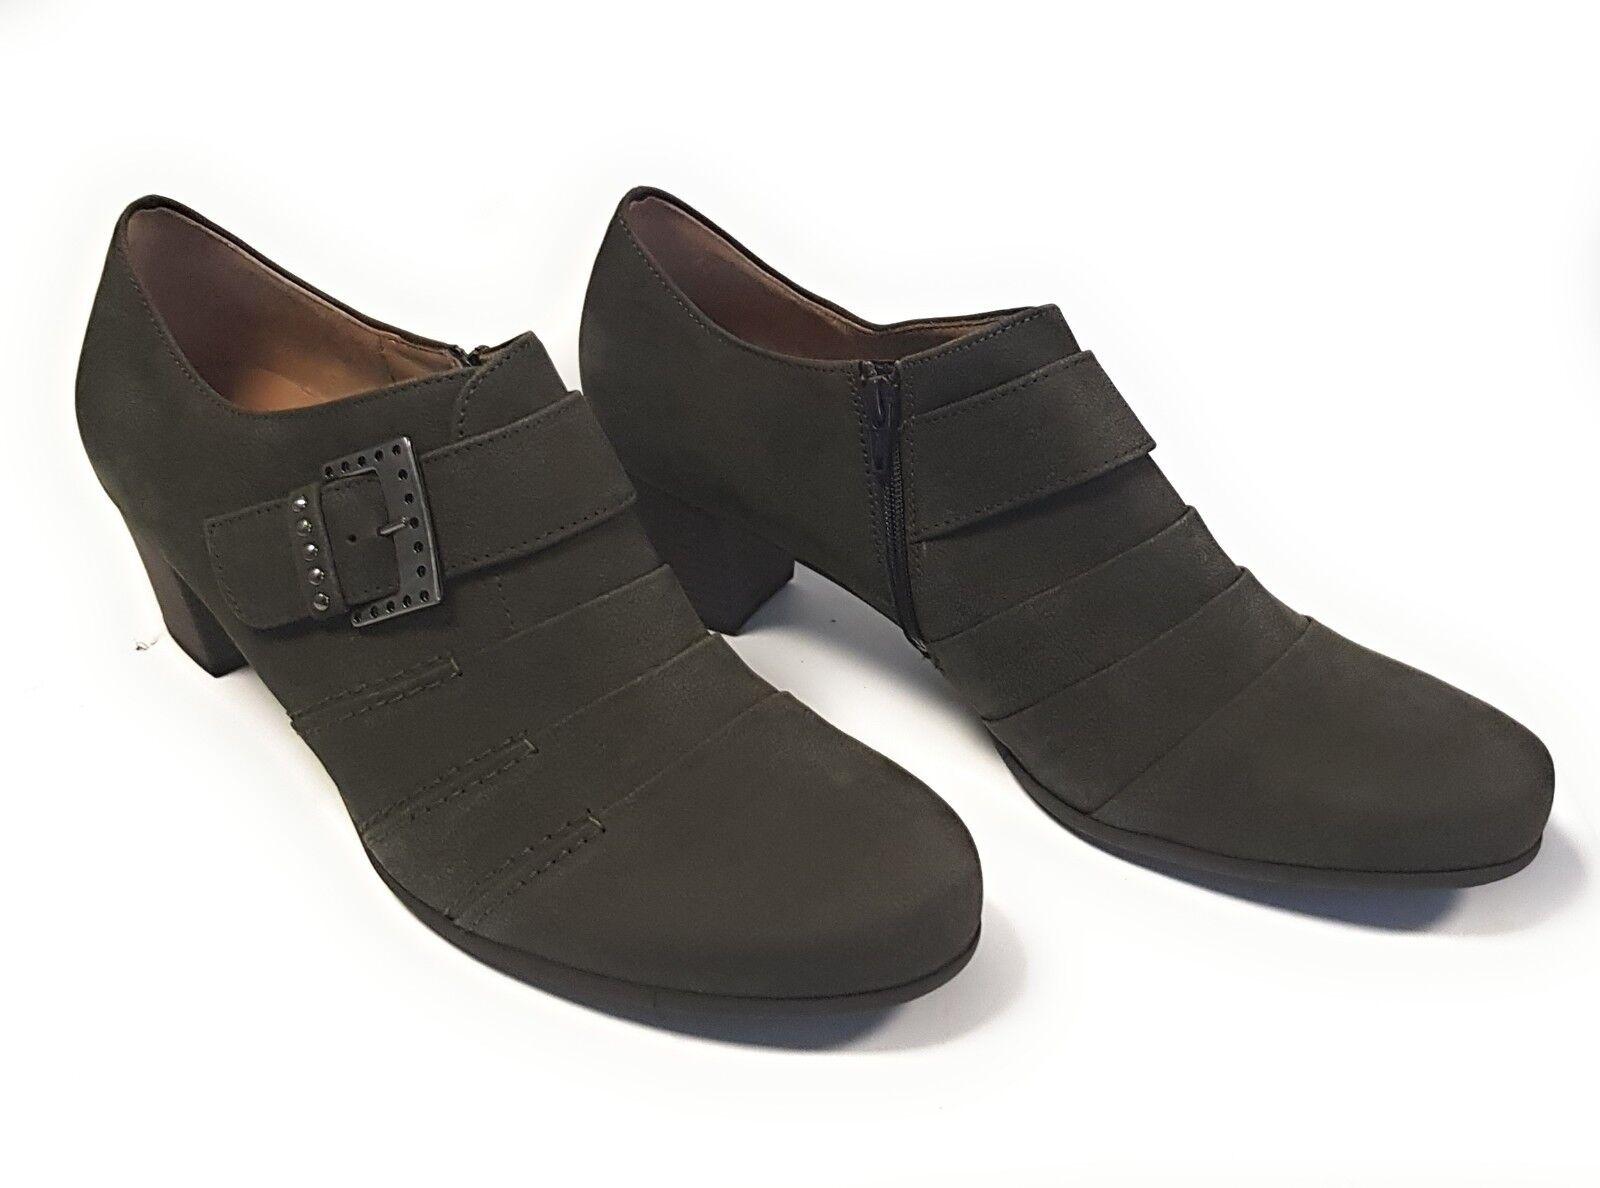 Gabor Damen Schuhe Halbschuh Slipper Pumps Damens Schuhes 15.261.30 Khaki Neu